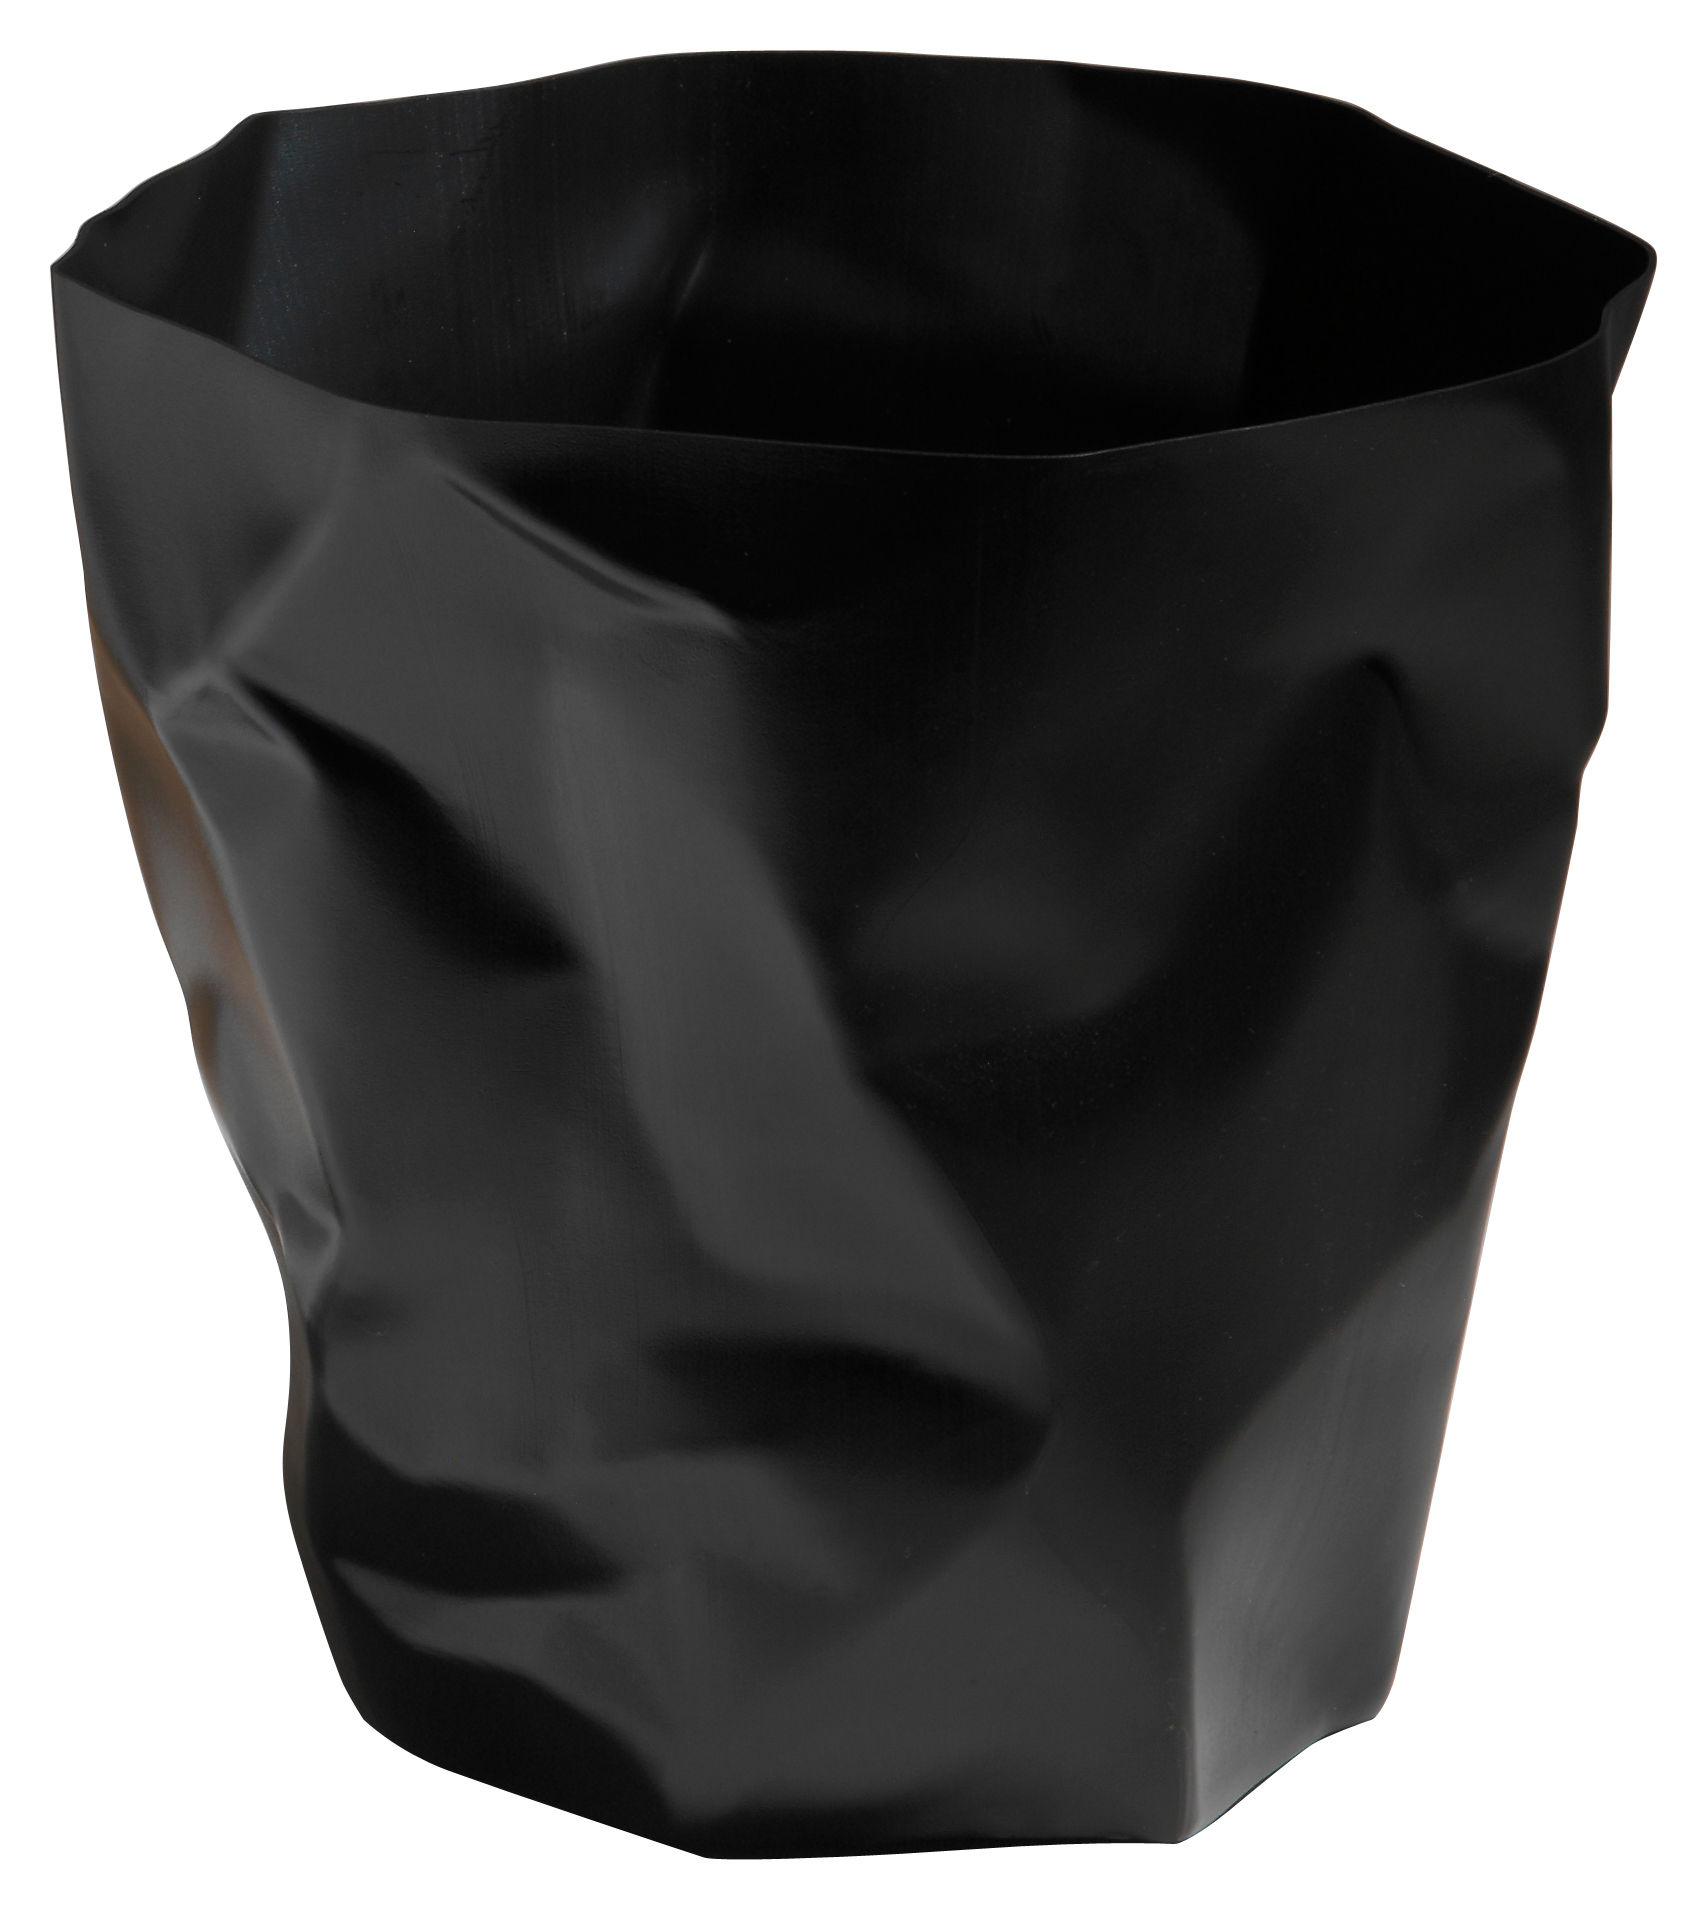 Déco - Accessoires bureau - Corbeille Bin Bin / H 31 cm - Essey - Noir - Polyéthylène